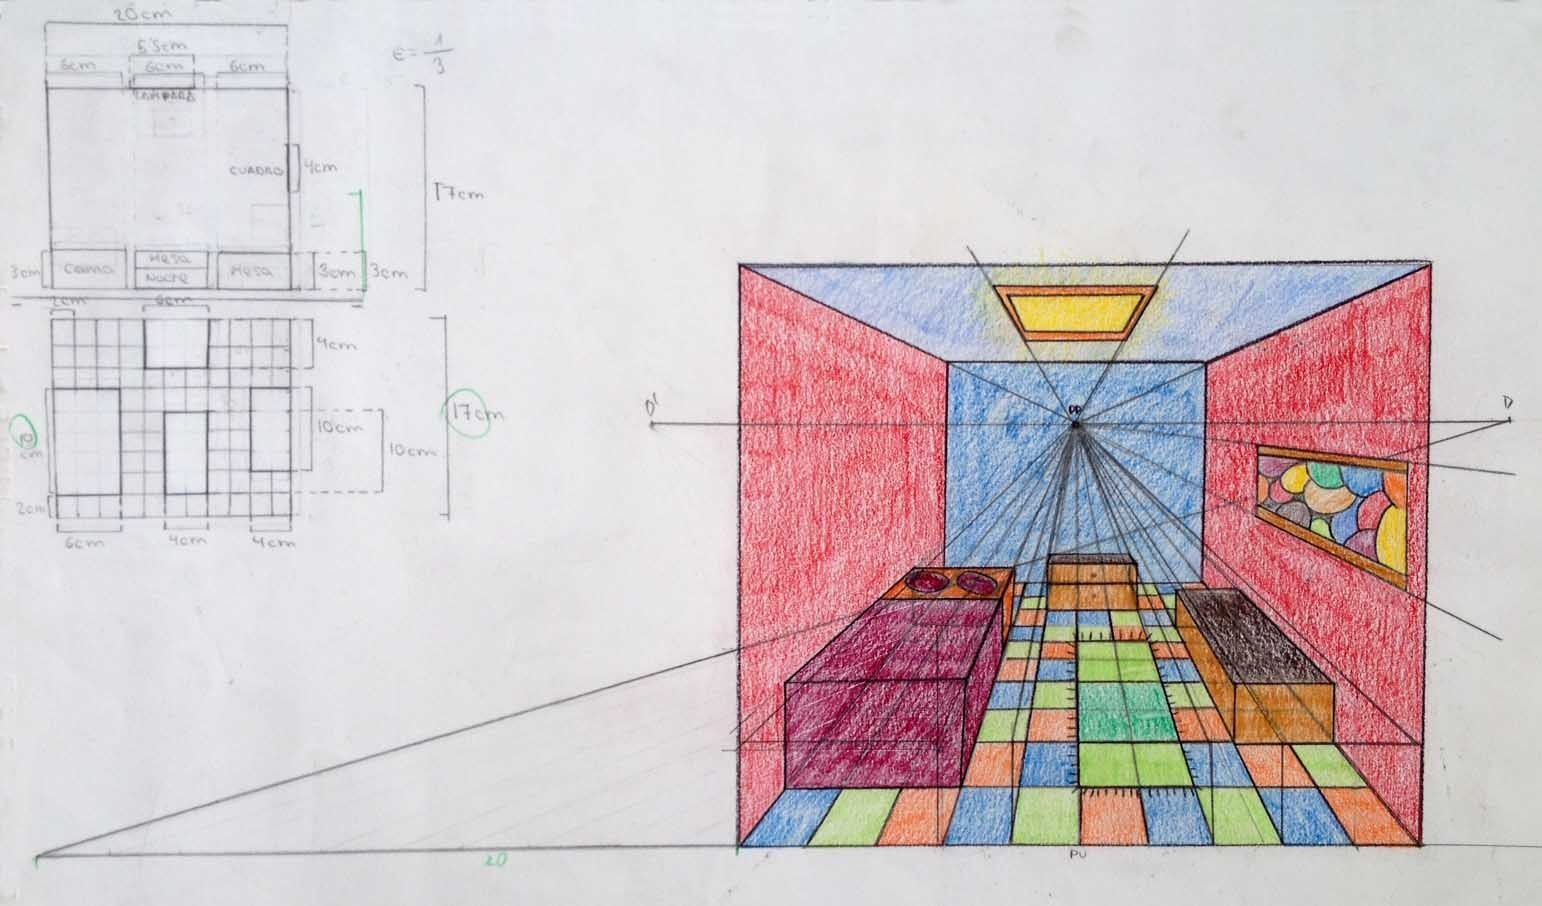 Habitacion en perspectiva conica frontal buscar con google drawing arquitecture pinterest - Habitacion en perspectiva conica ...